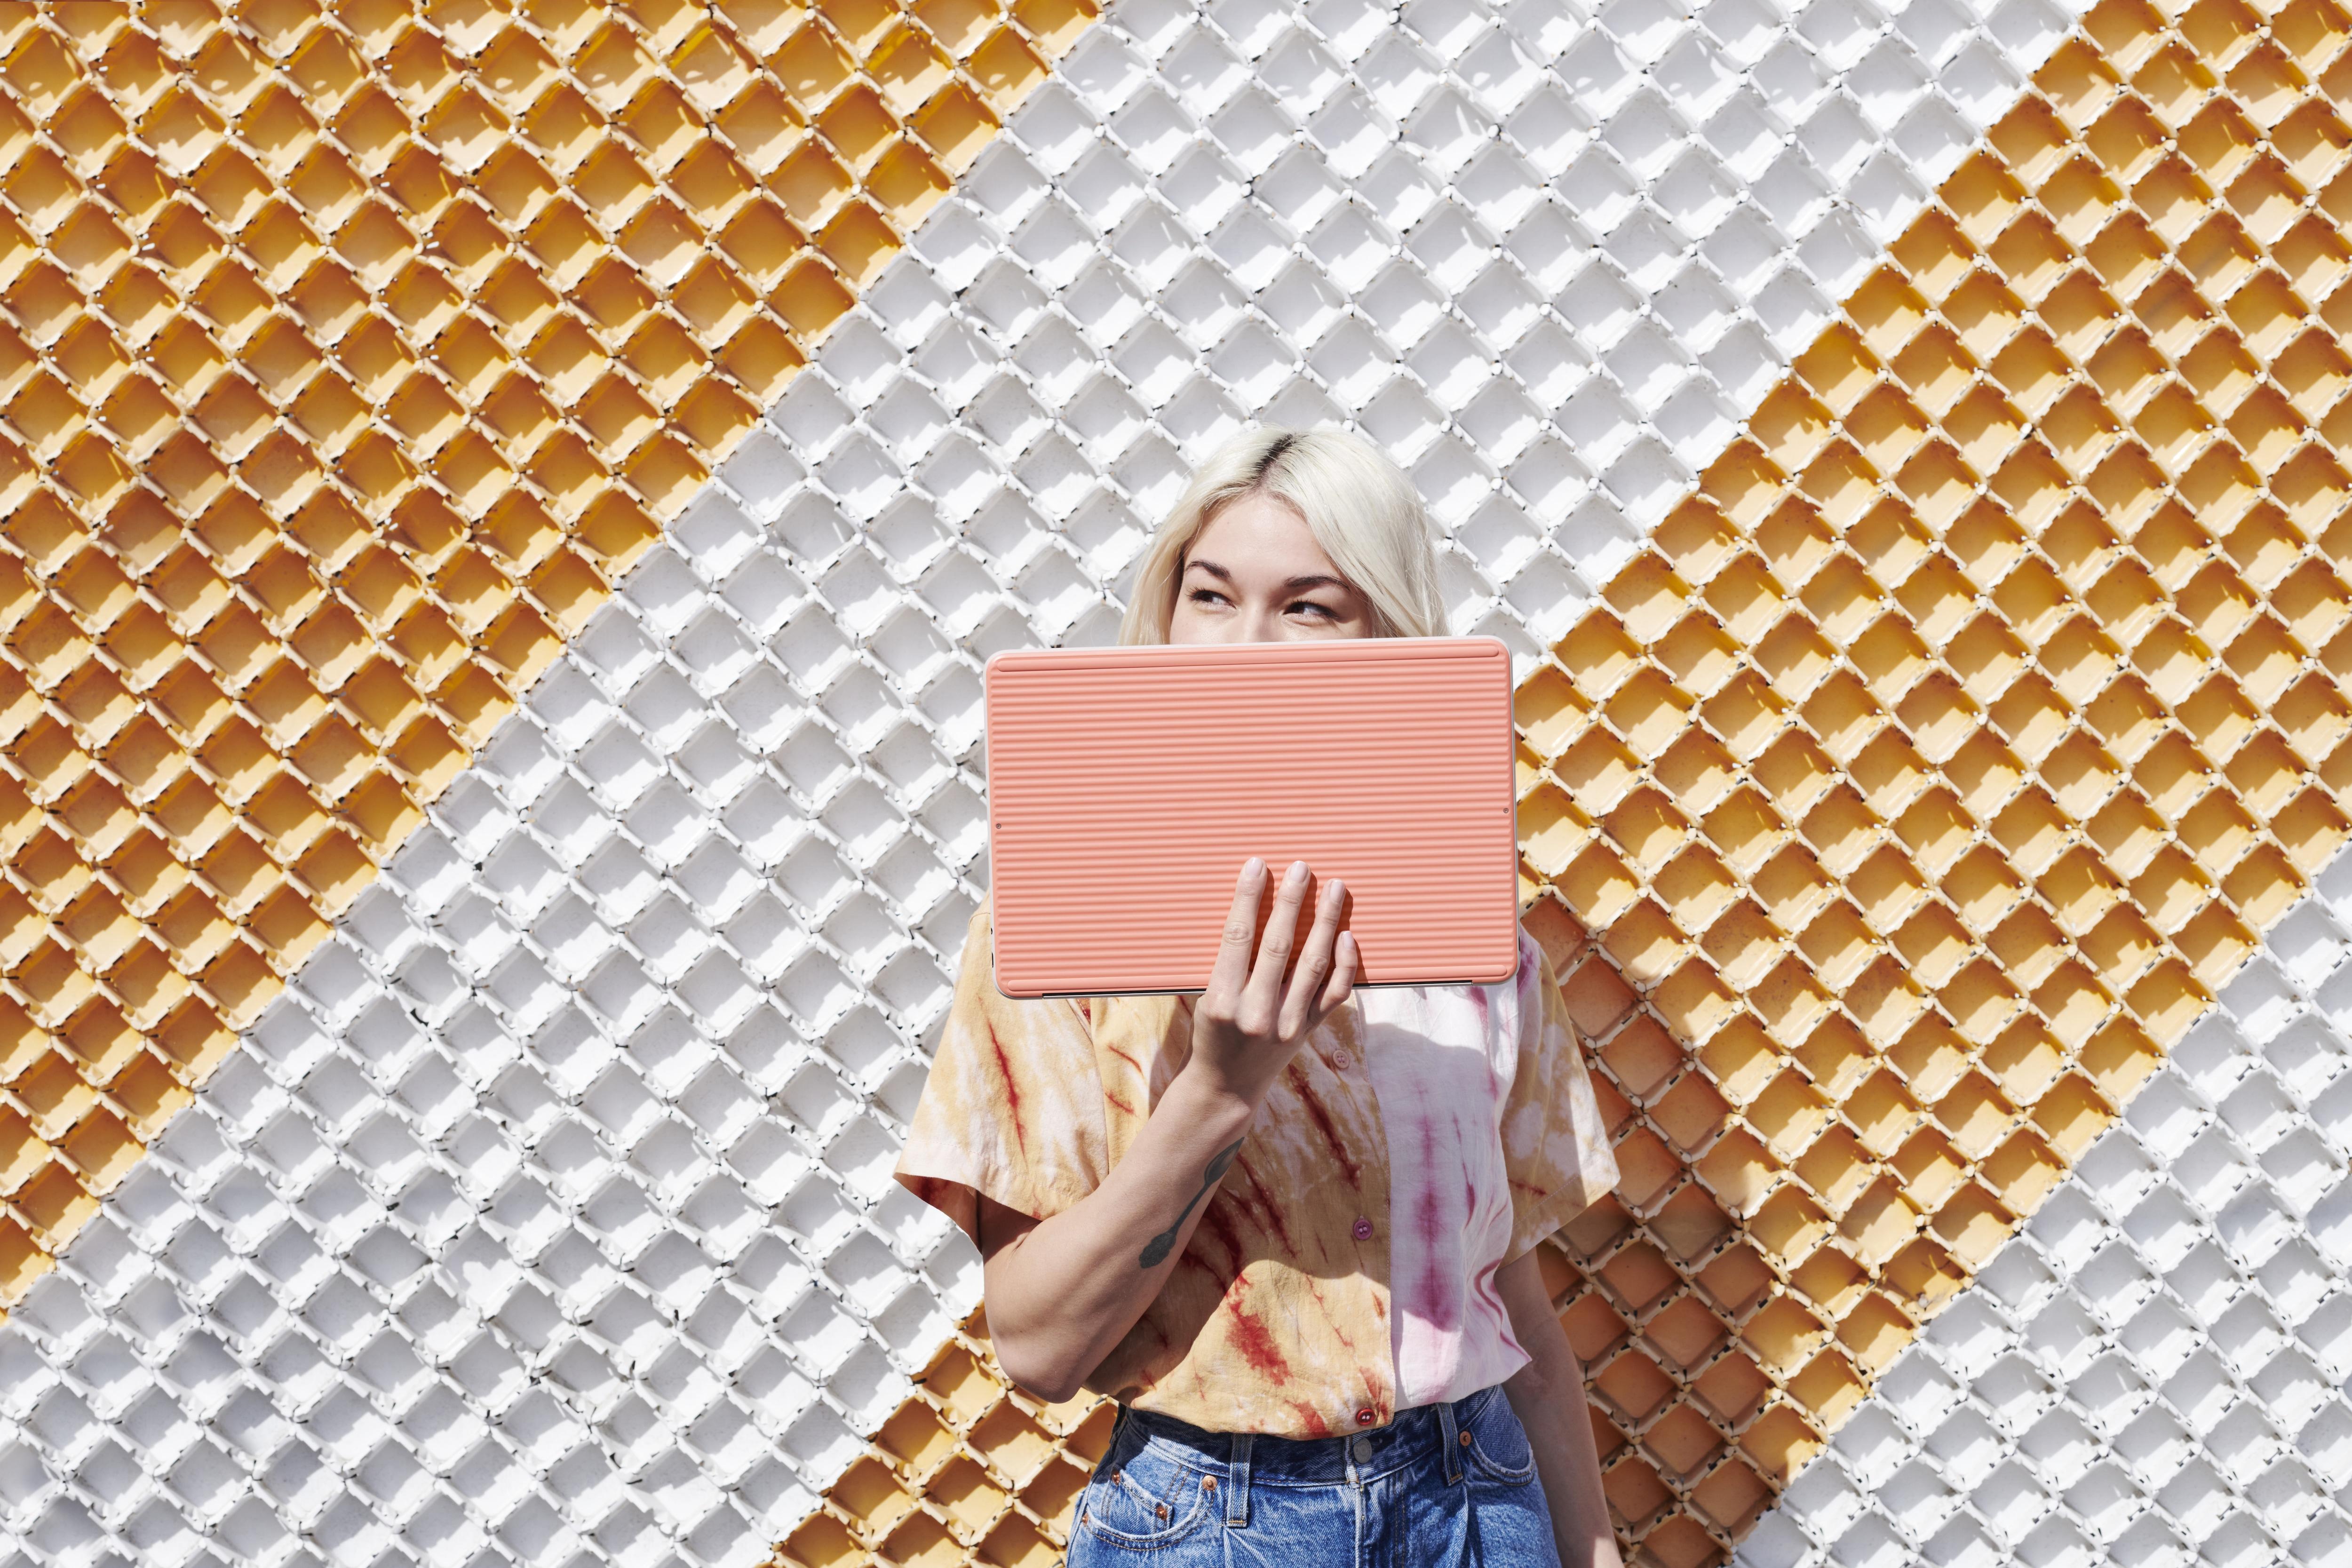 pixelbook go (4)